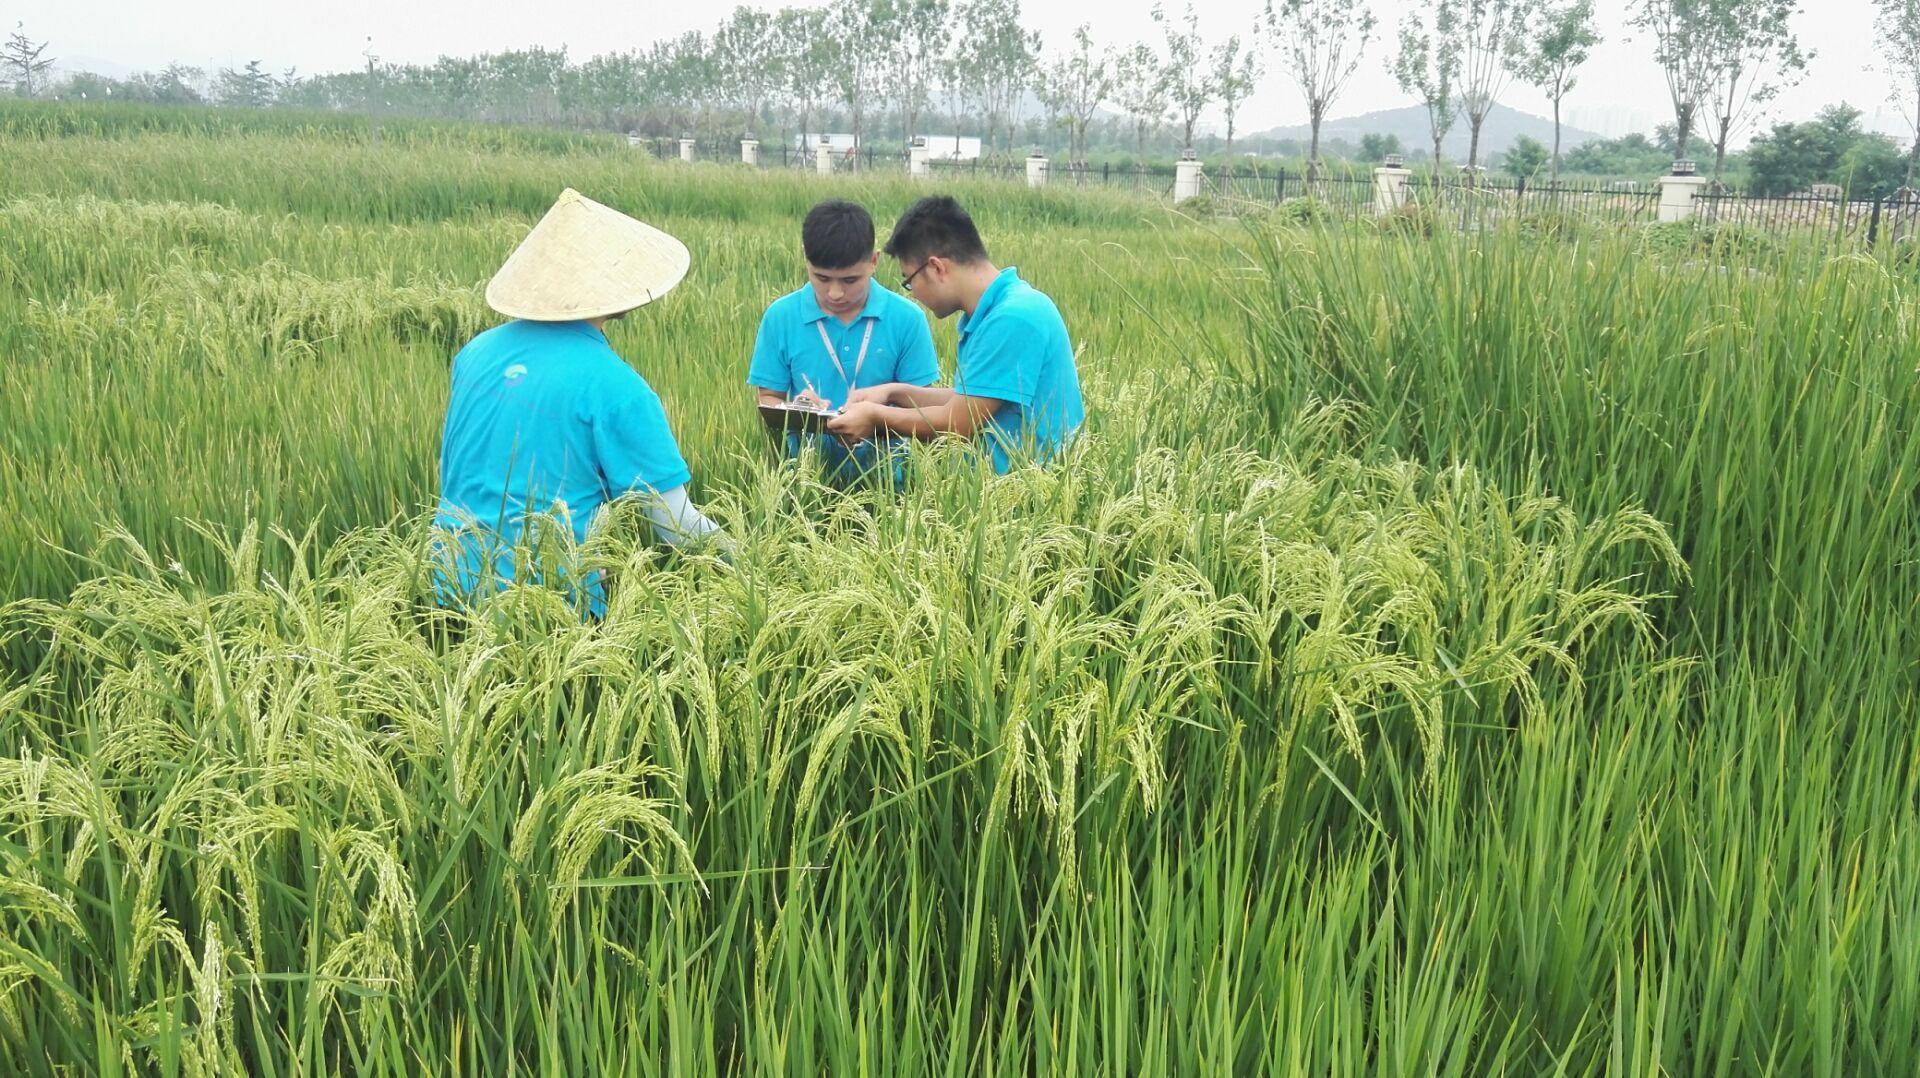 专家解读海水稻品种培育:两亿亩盐碱地每年多收600亿斤粮食